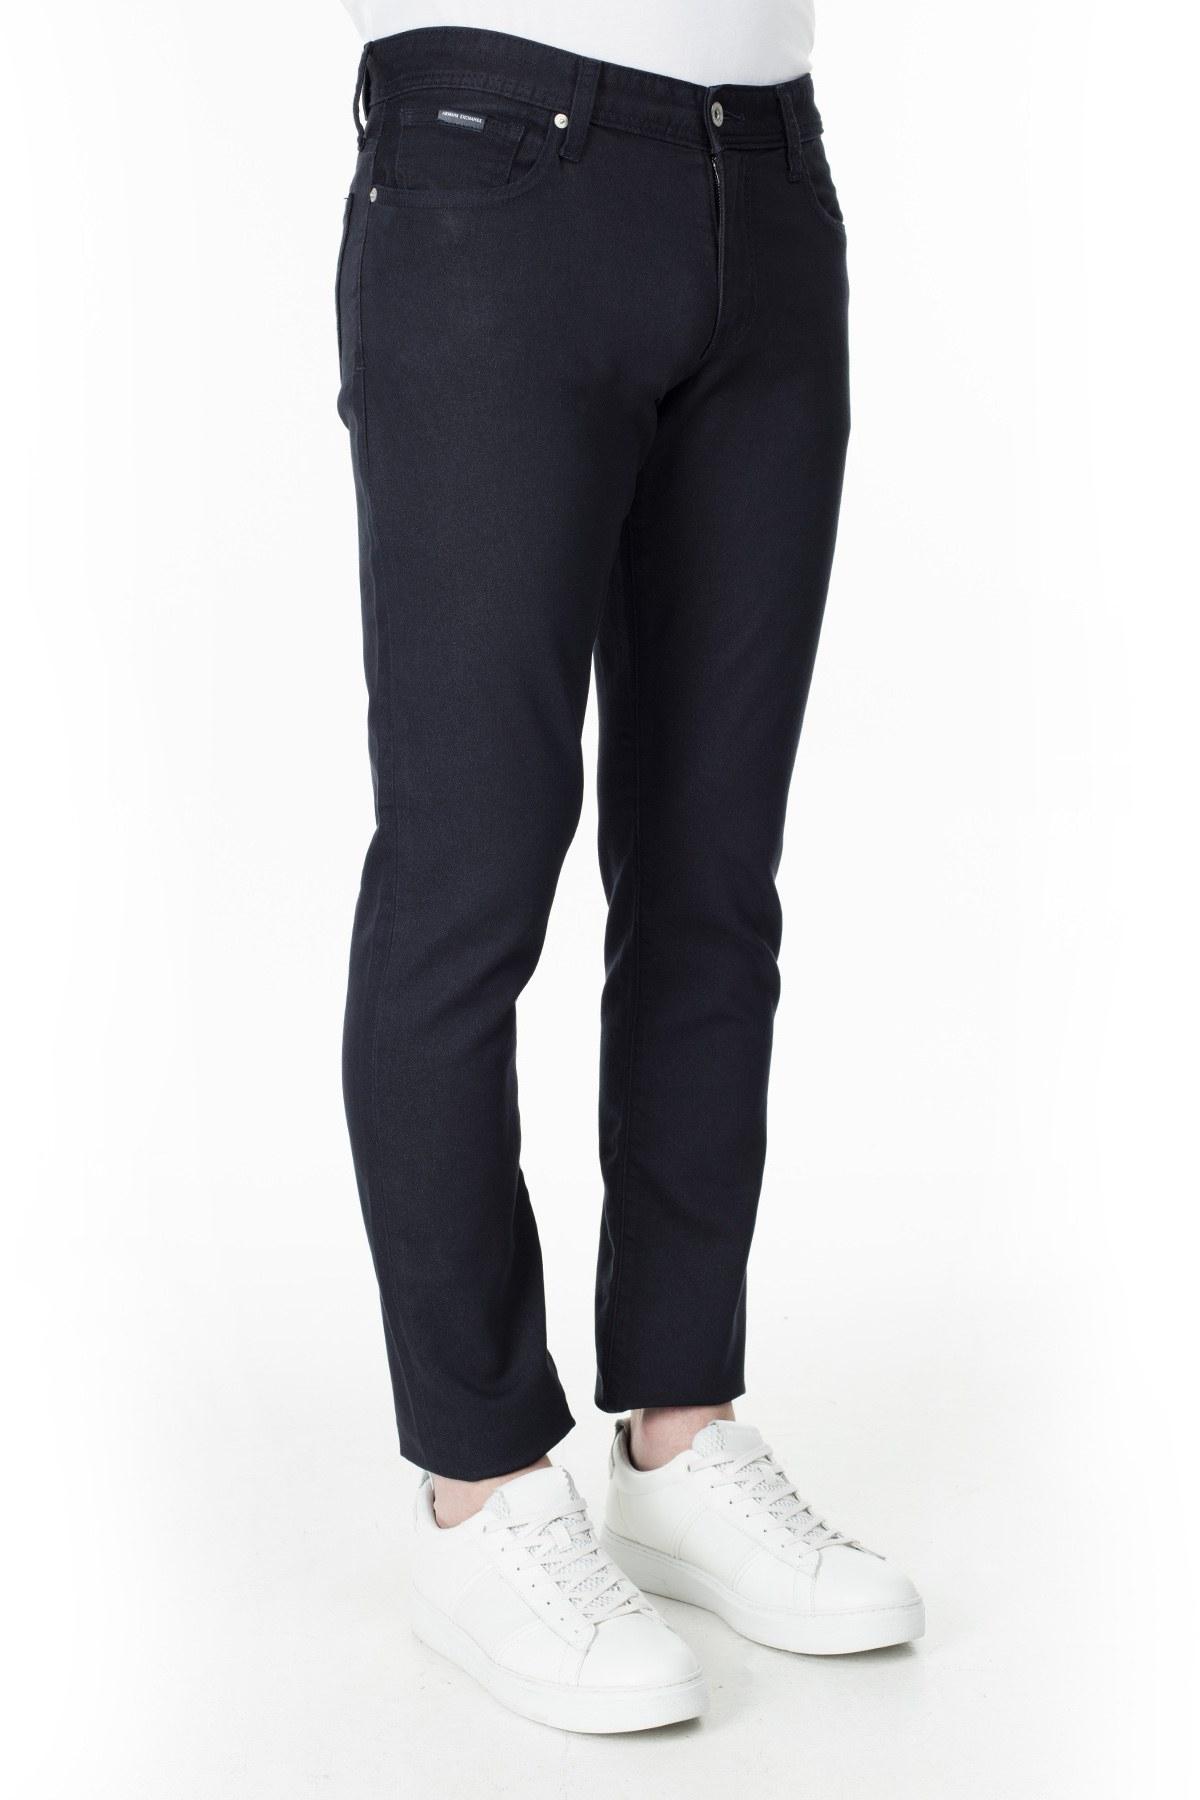 Armani Exchange J14 Jeans Erkek Kot Pantolon 3HZJ14 ZNGGZ 1510 LACİVERT